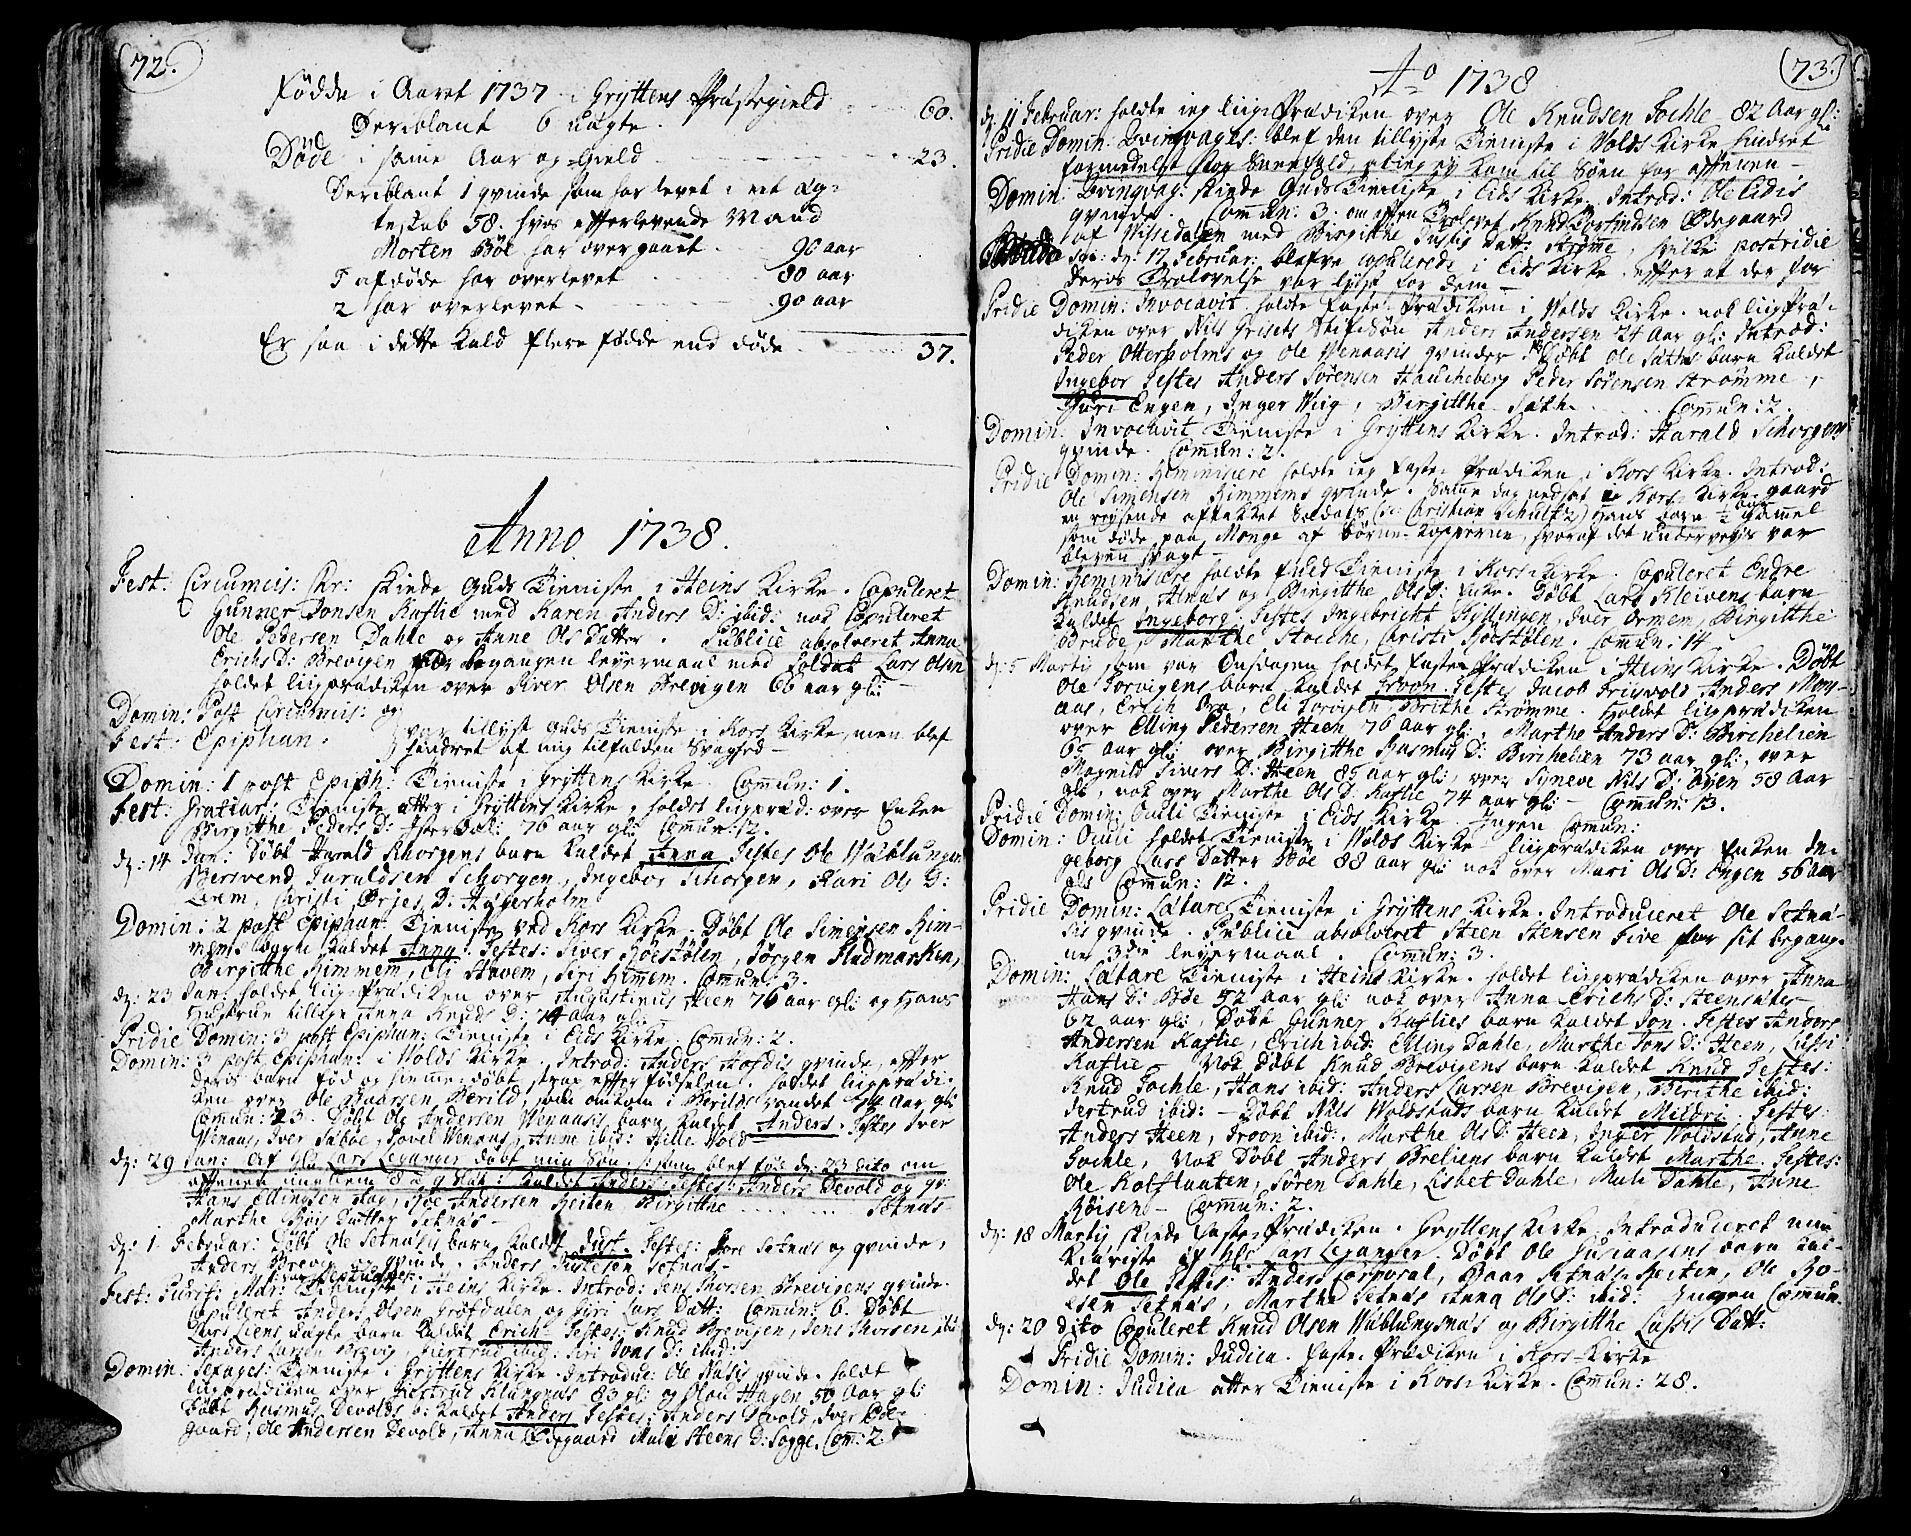 SAT, Ministerialprotokoller, klokkerbøker og fødselsregistre - Møre og Romsdal, 544/L0568: Ministerialbok nr. 544A01, 1725-1763, s. 72-73